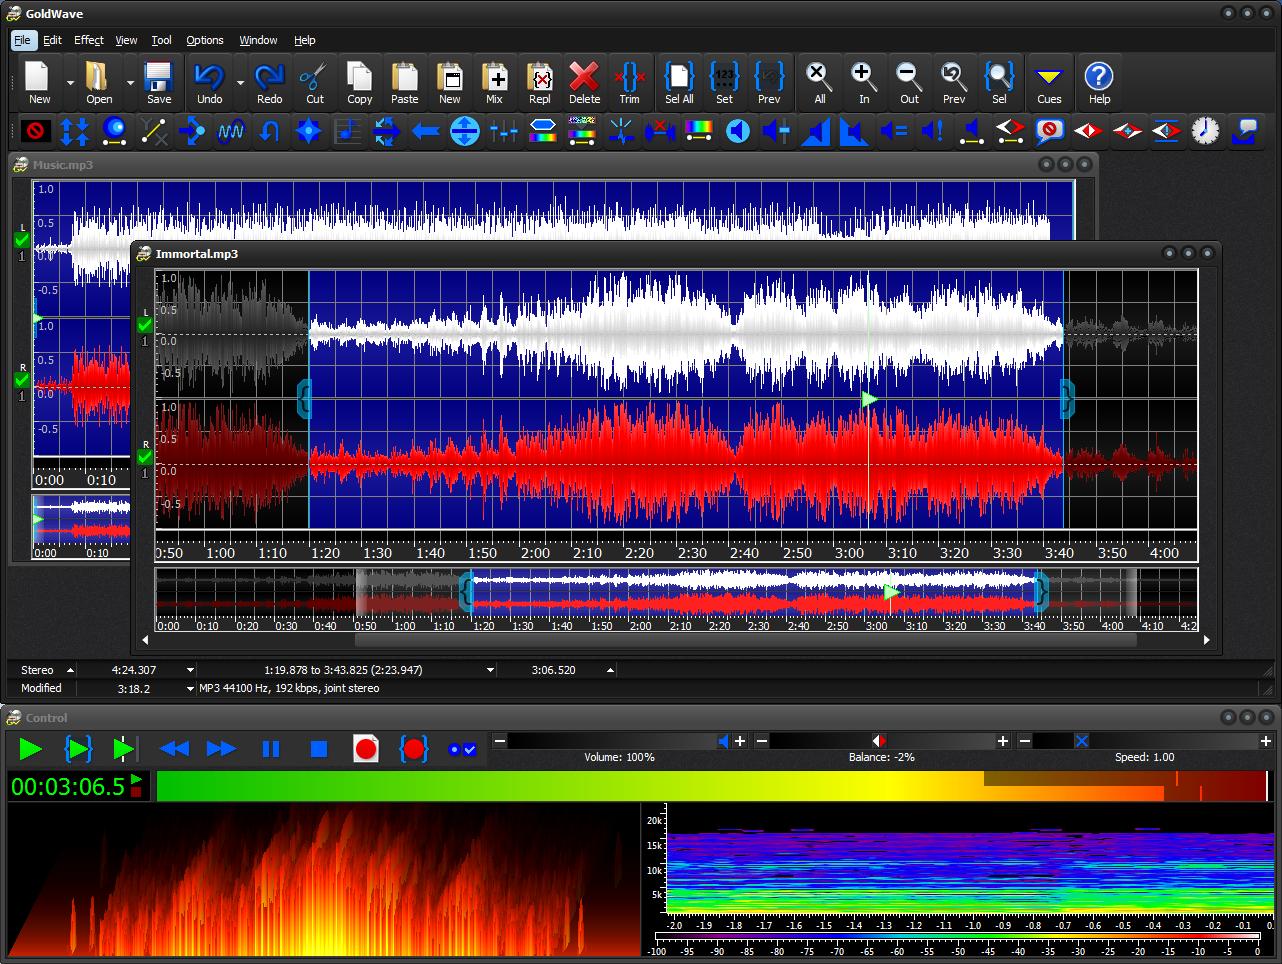 تحميل برنامج فصل الصوت عن الموسيقى نهائيا للكمبيوتر 2020 مجانا